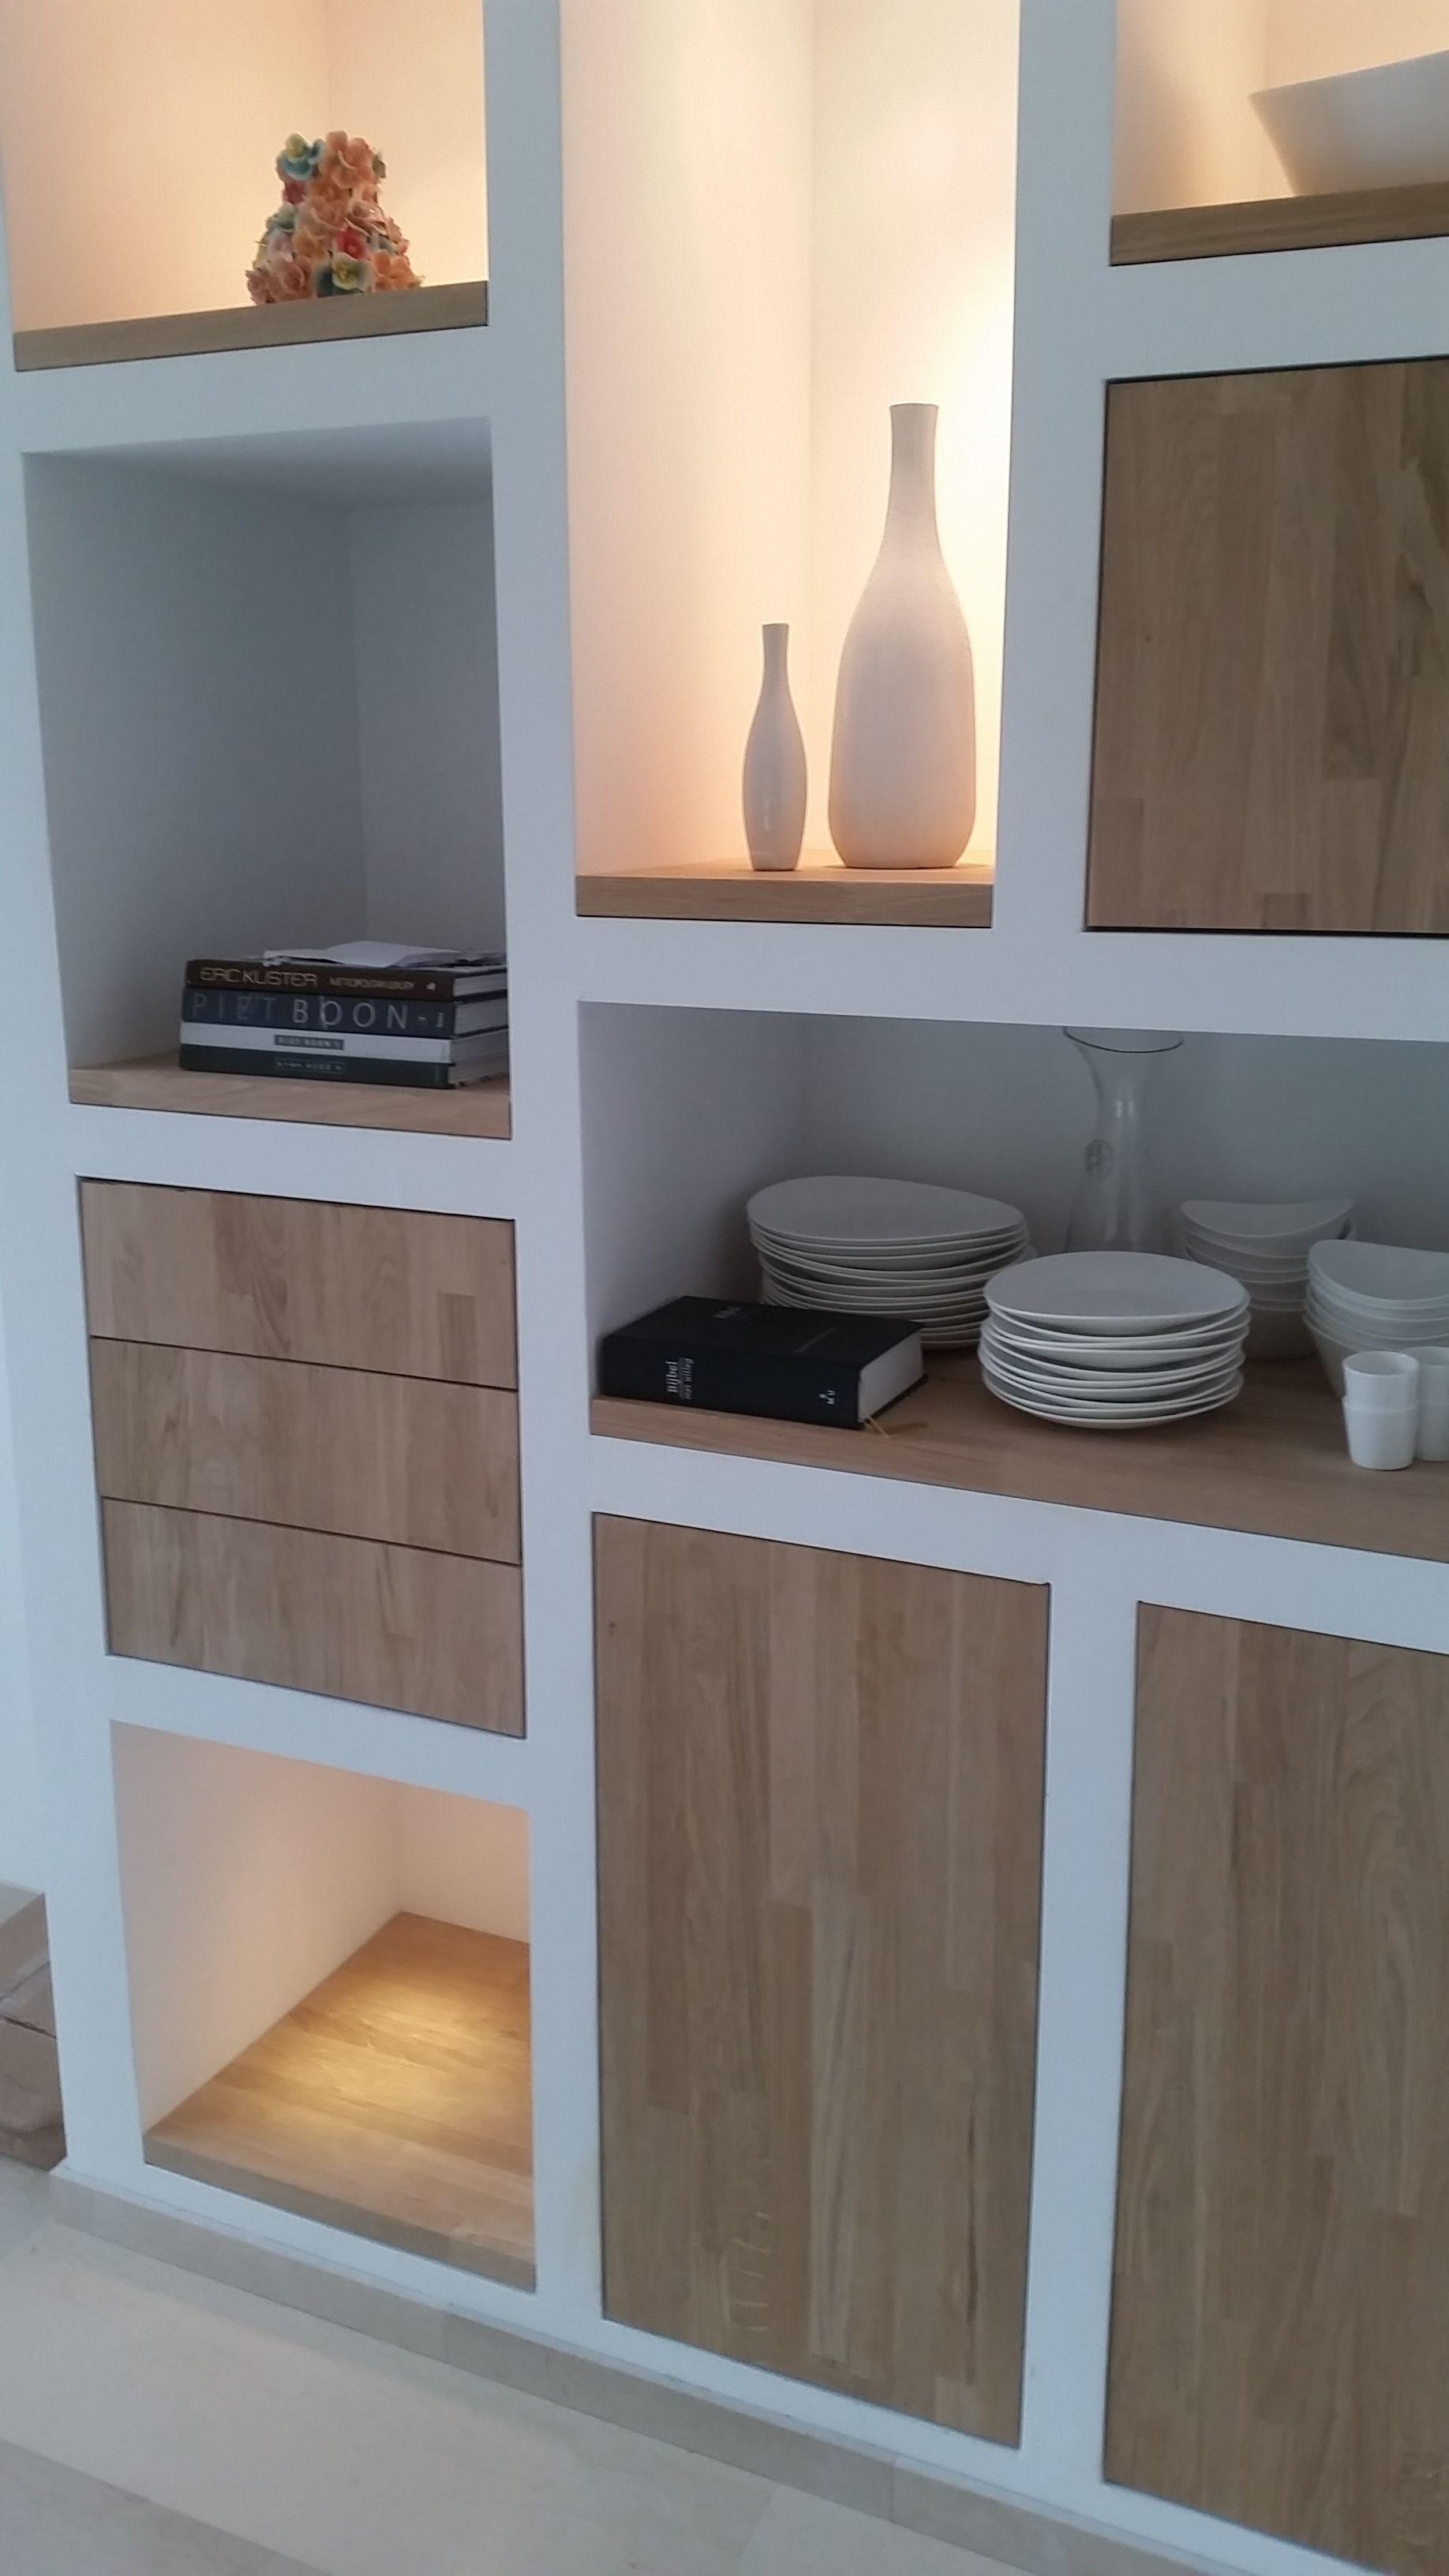 aufbewahrung wohnzimmer home pinterest wohnzimmer haus und wohnen. Black Bedroom Furniture Sets. Home Design Ideas